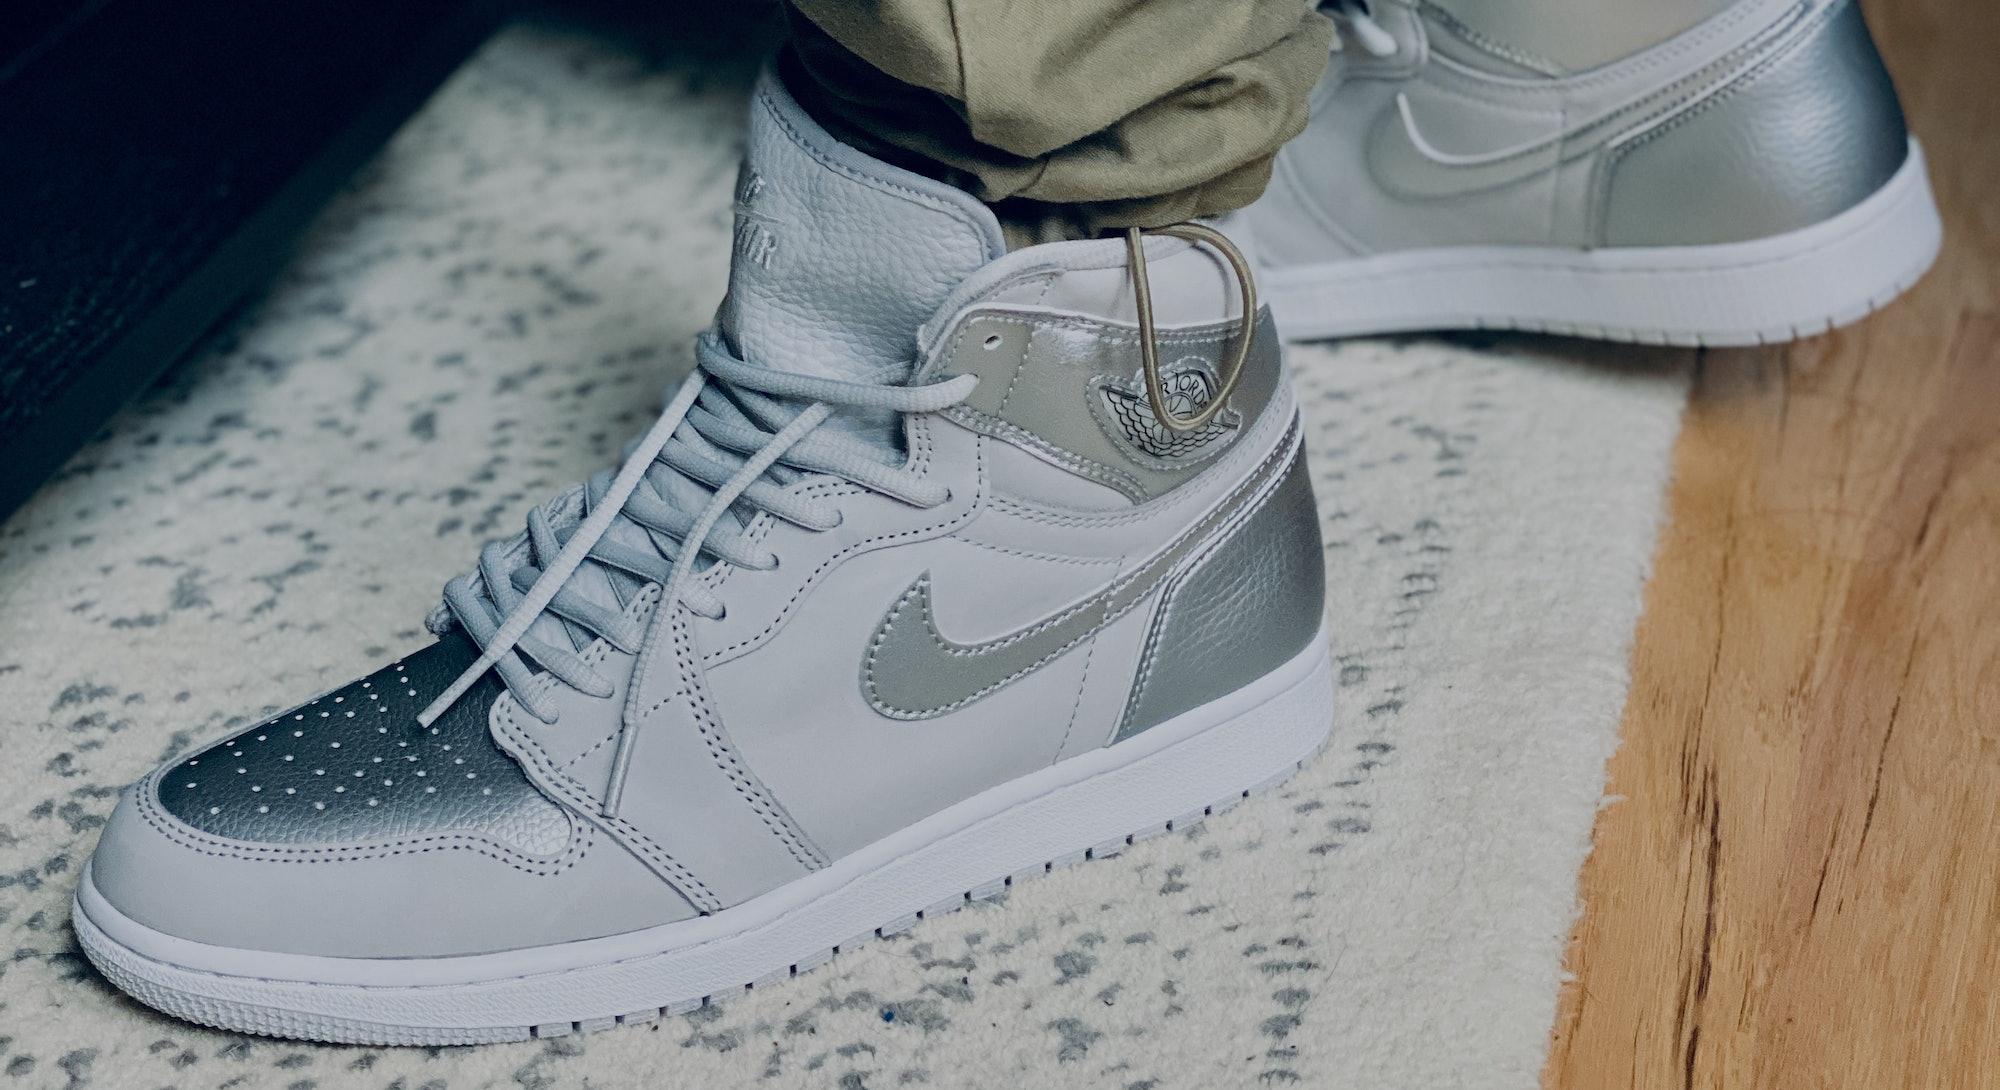 Jp nike Nike. Just